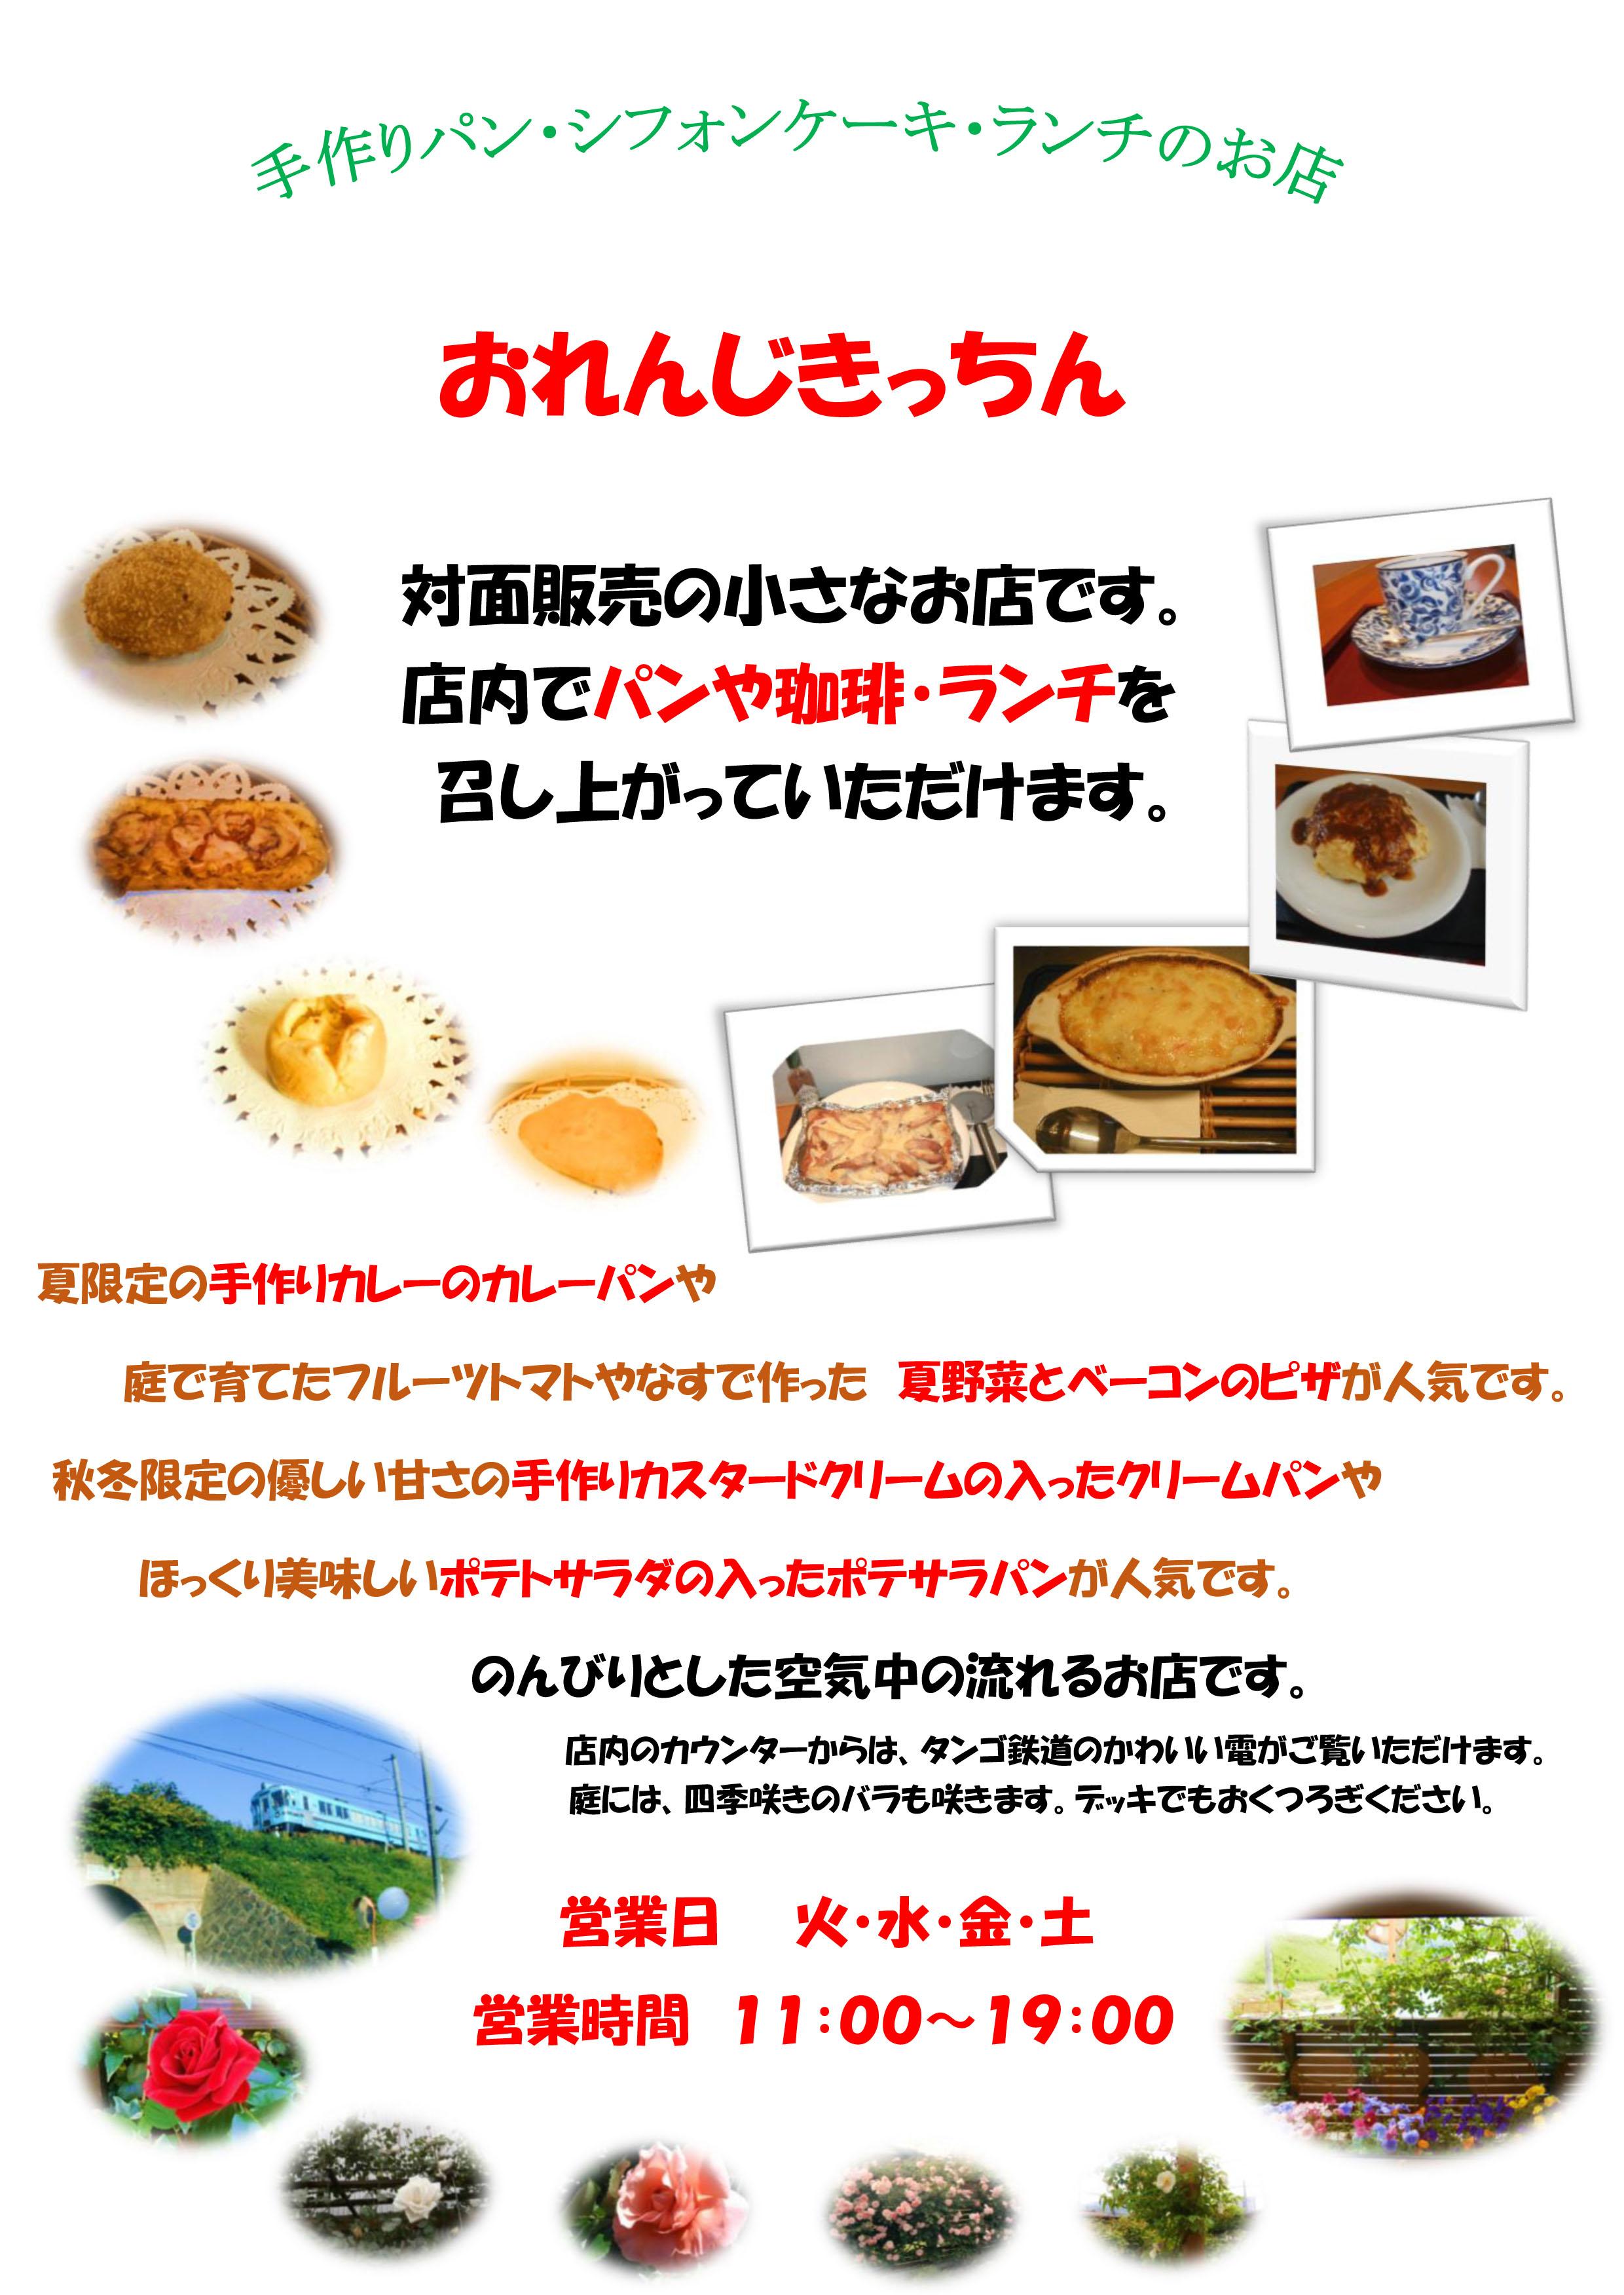 おれんじきっちん(くるせる用).jpg